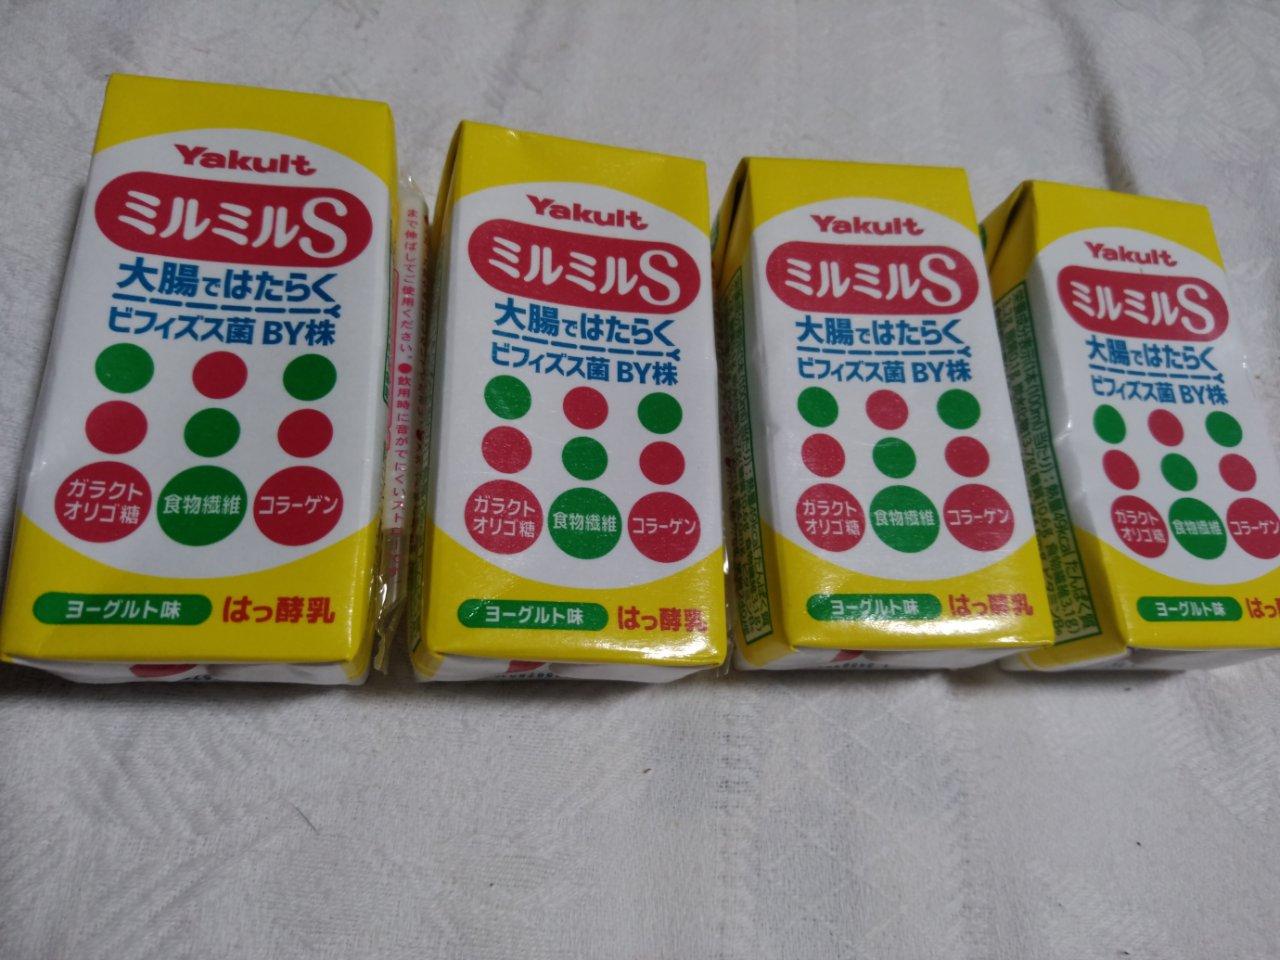 「ミルミル」とかいう日本で千人くらいしか知らないけど最高に美味しい飲み物